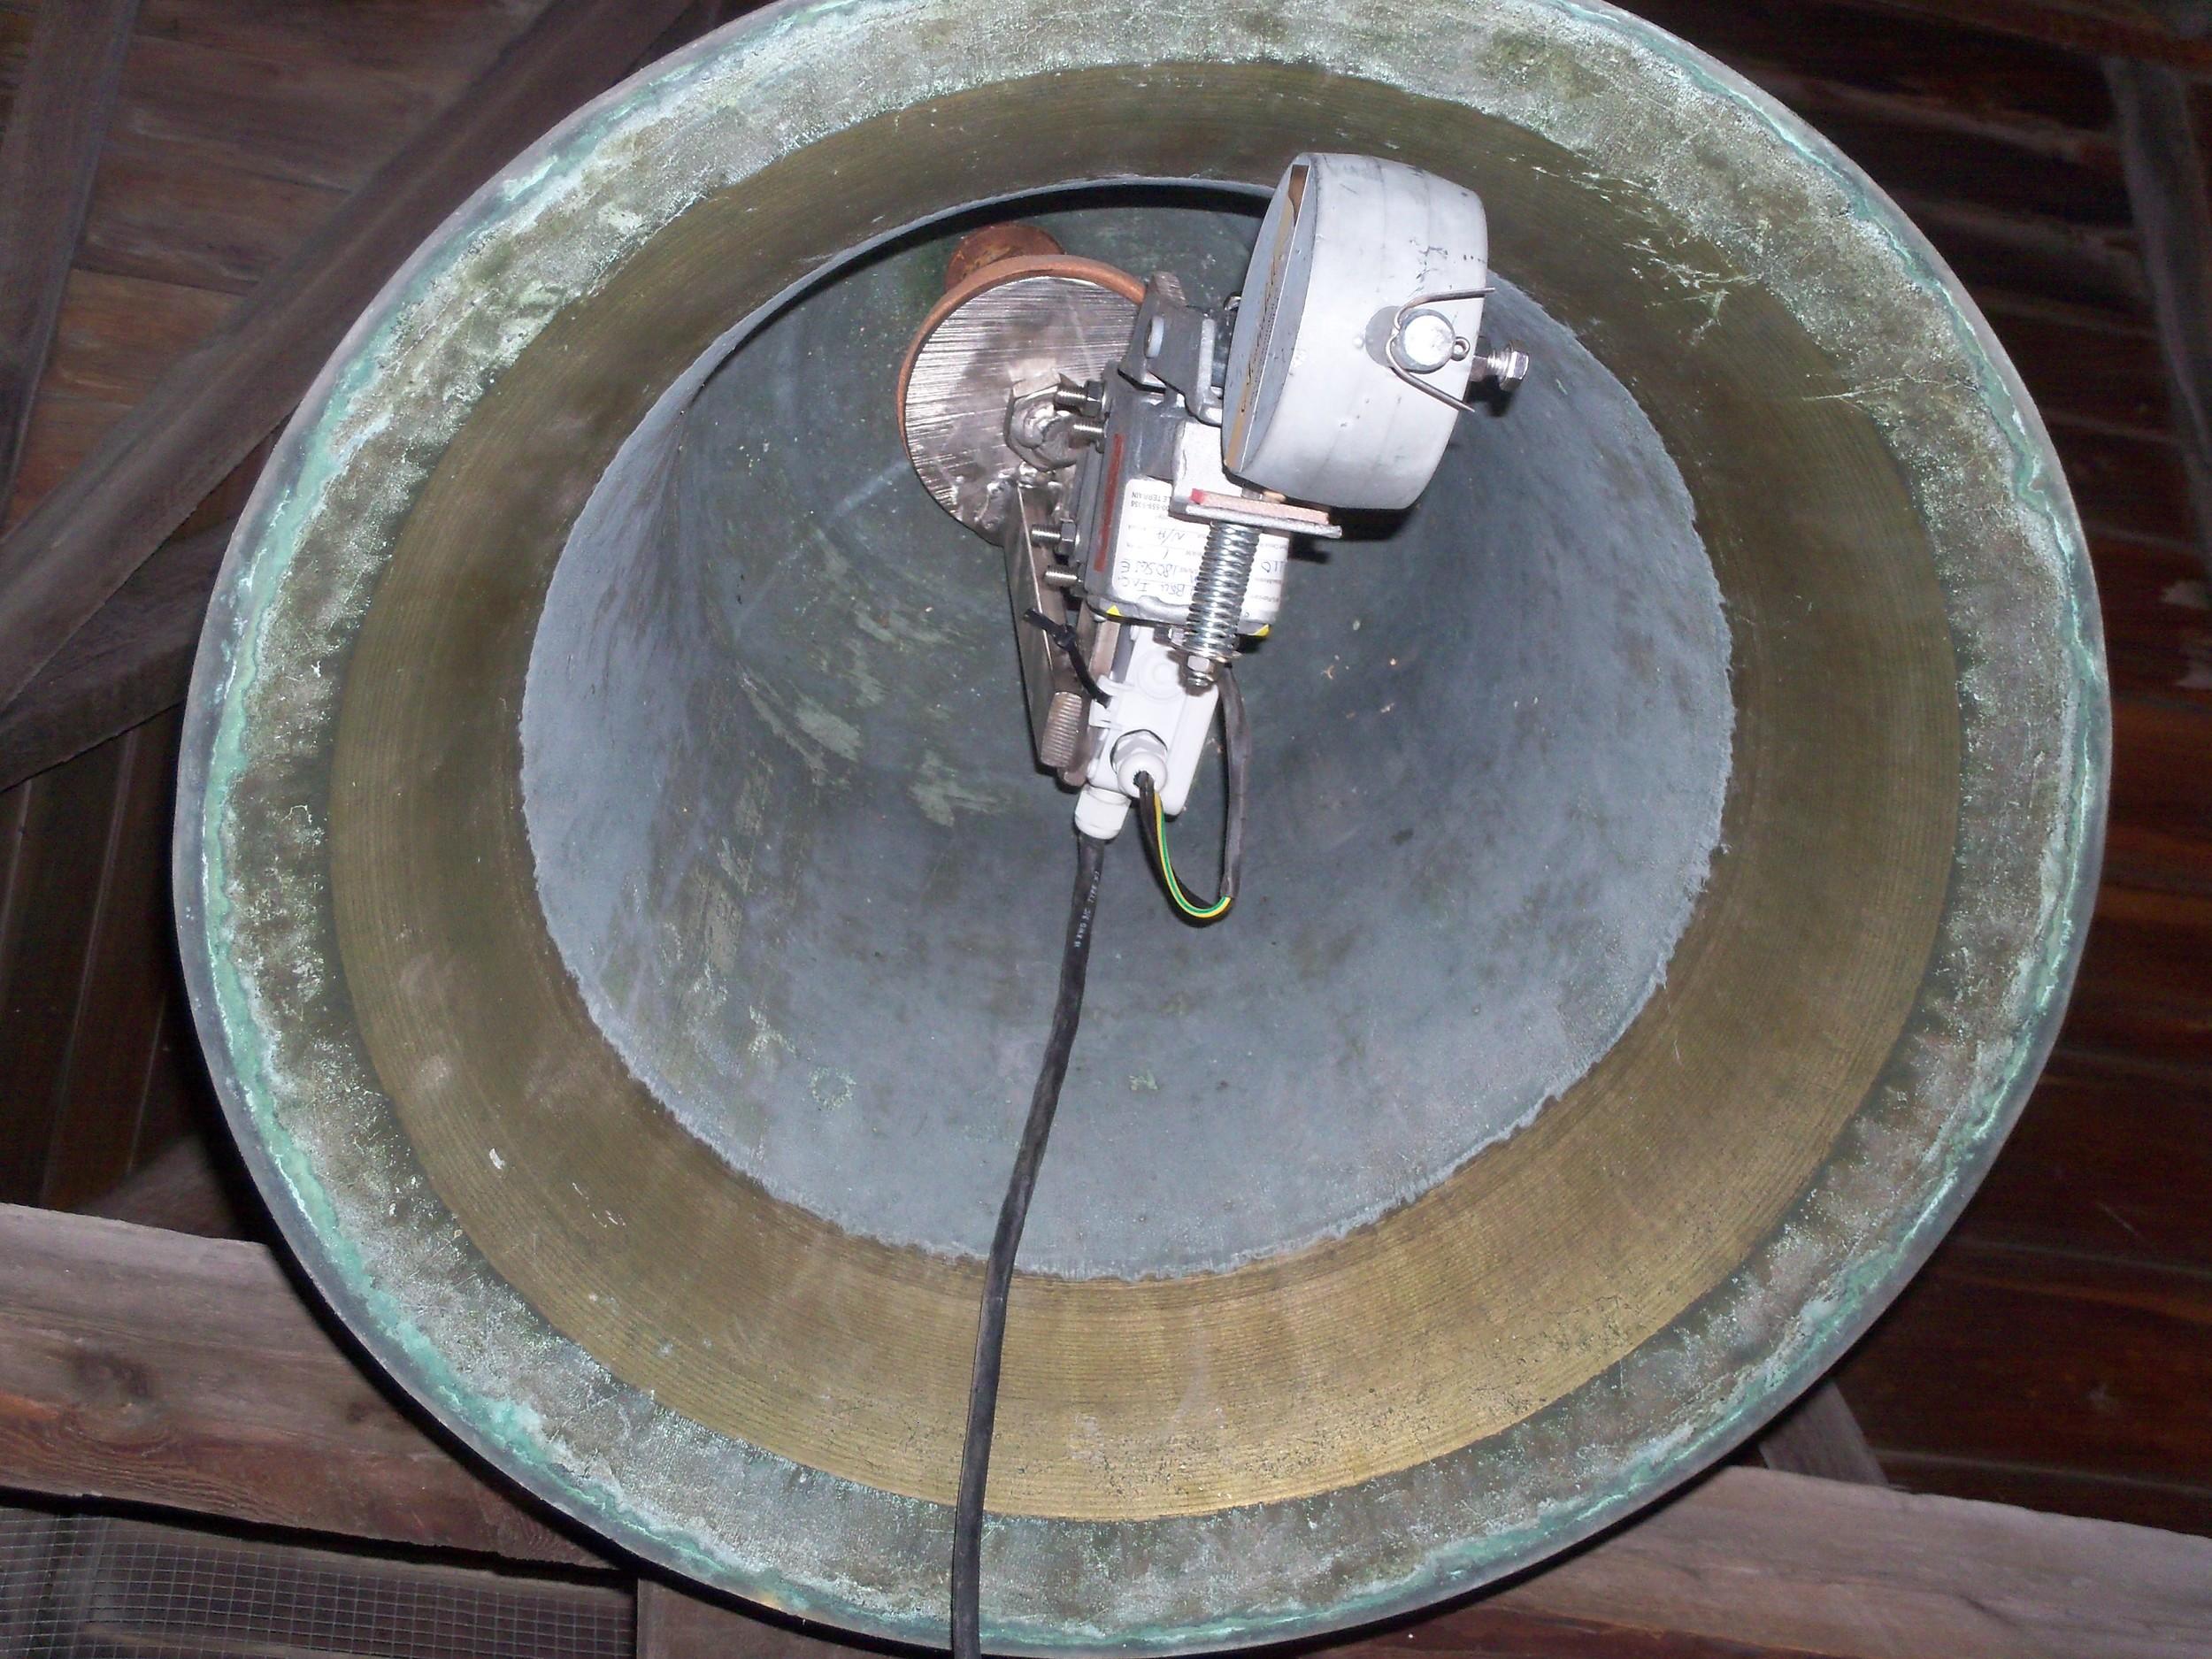 New gong inside bell